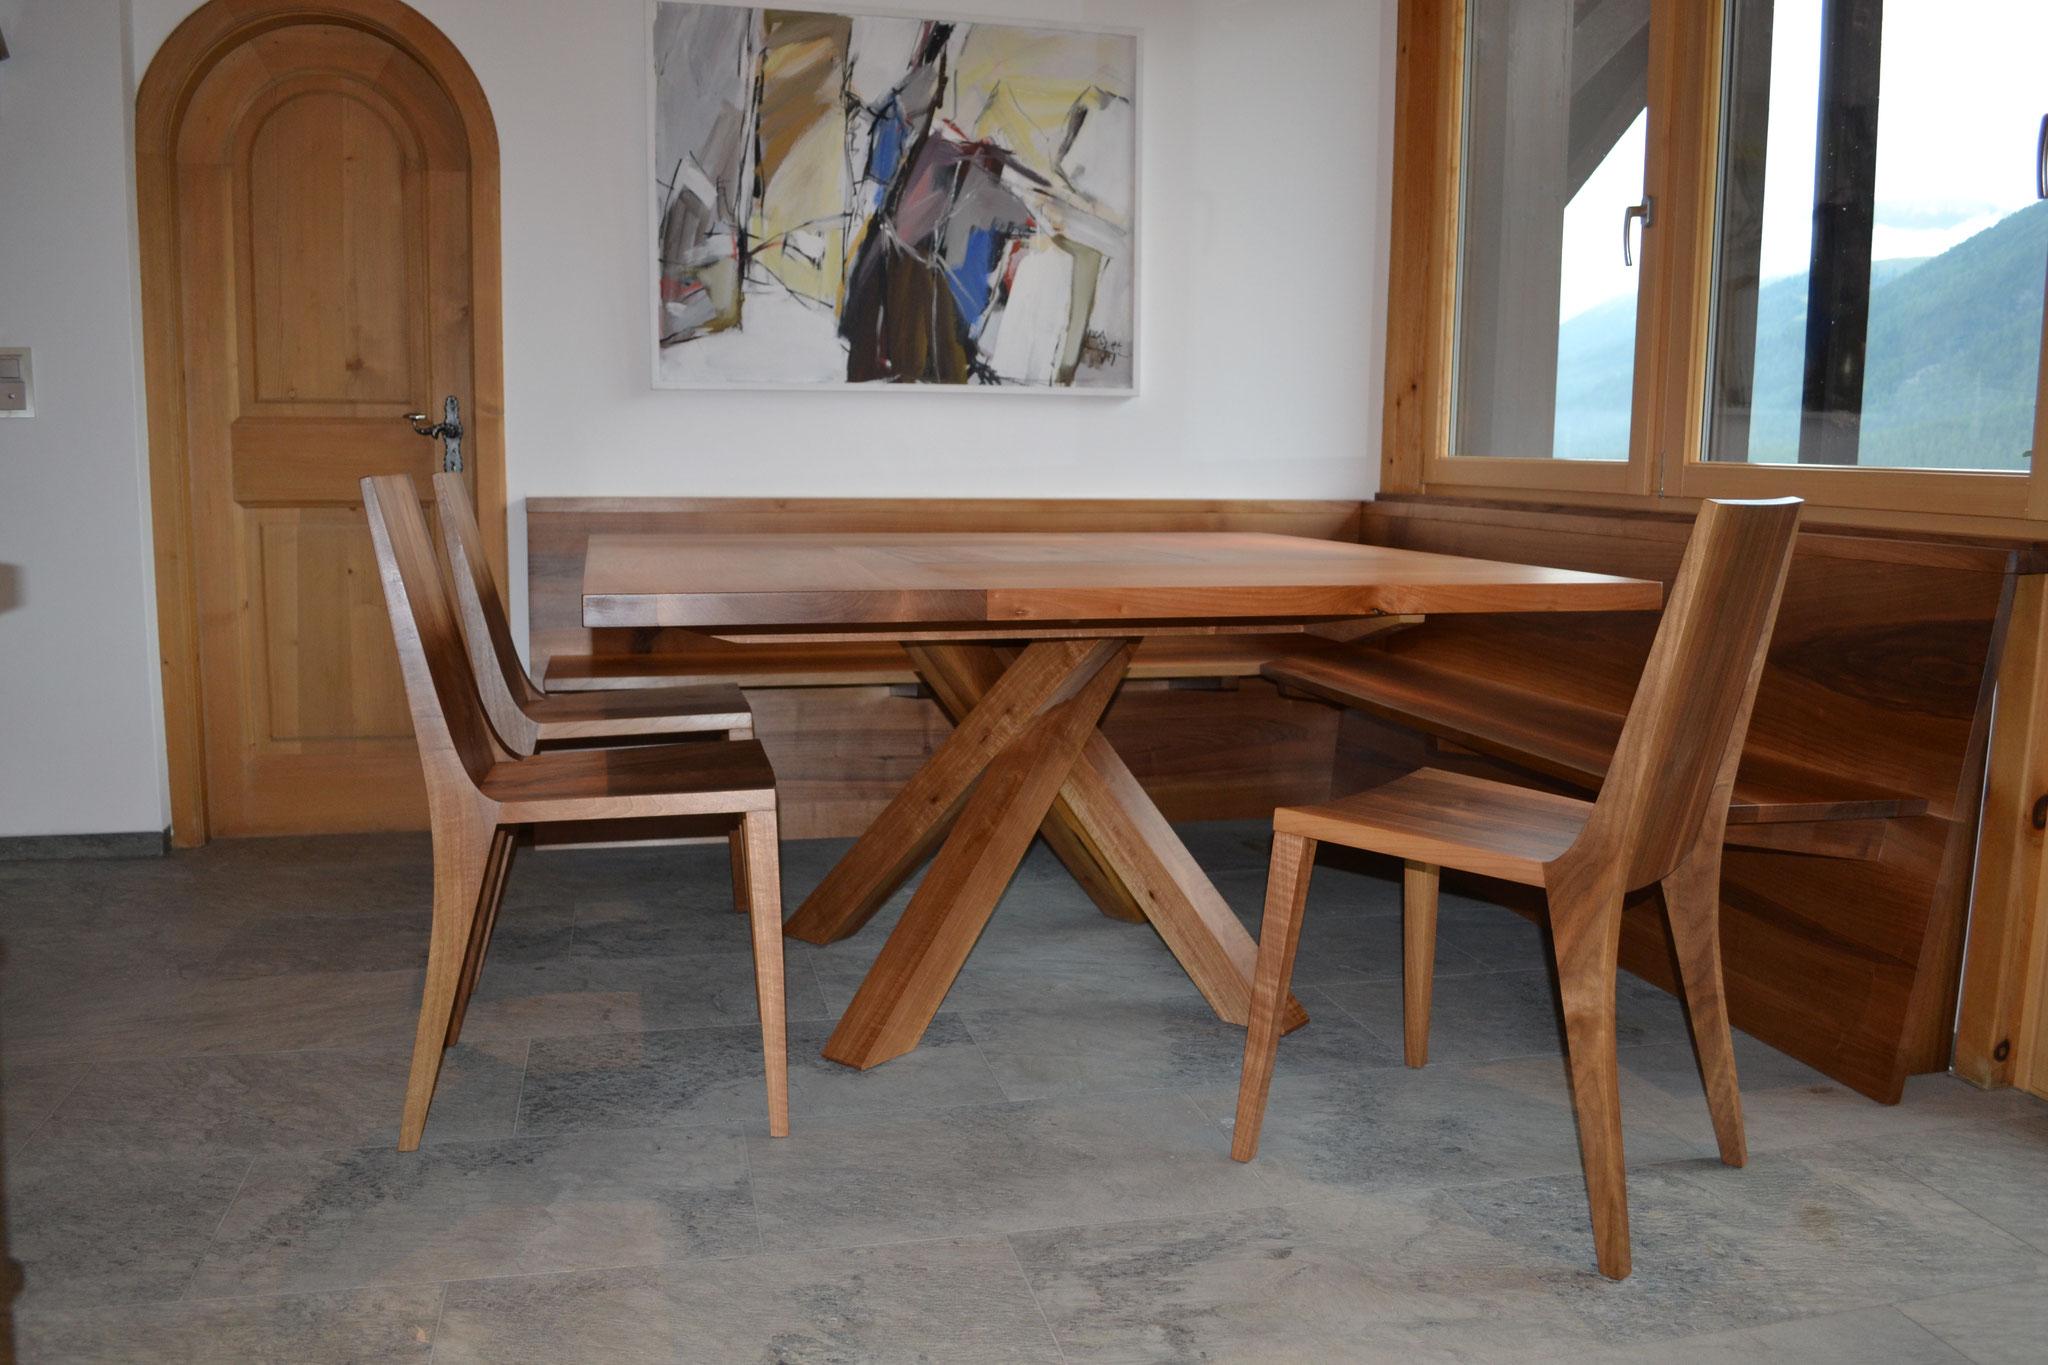 Tisch Twist quadratisch und Stühle Nussbaum, Esstisch